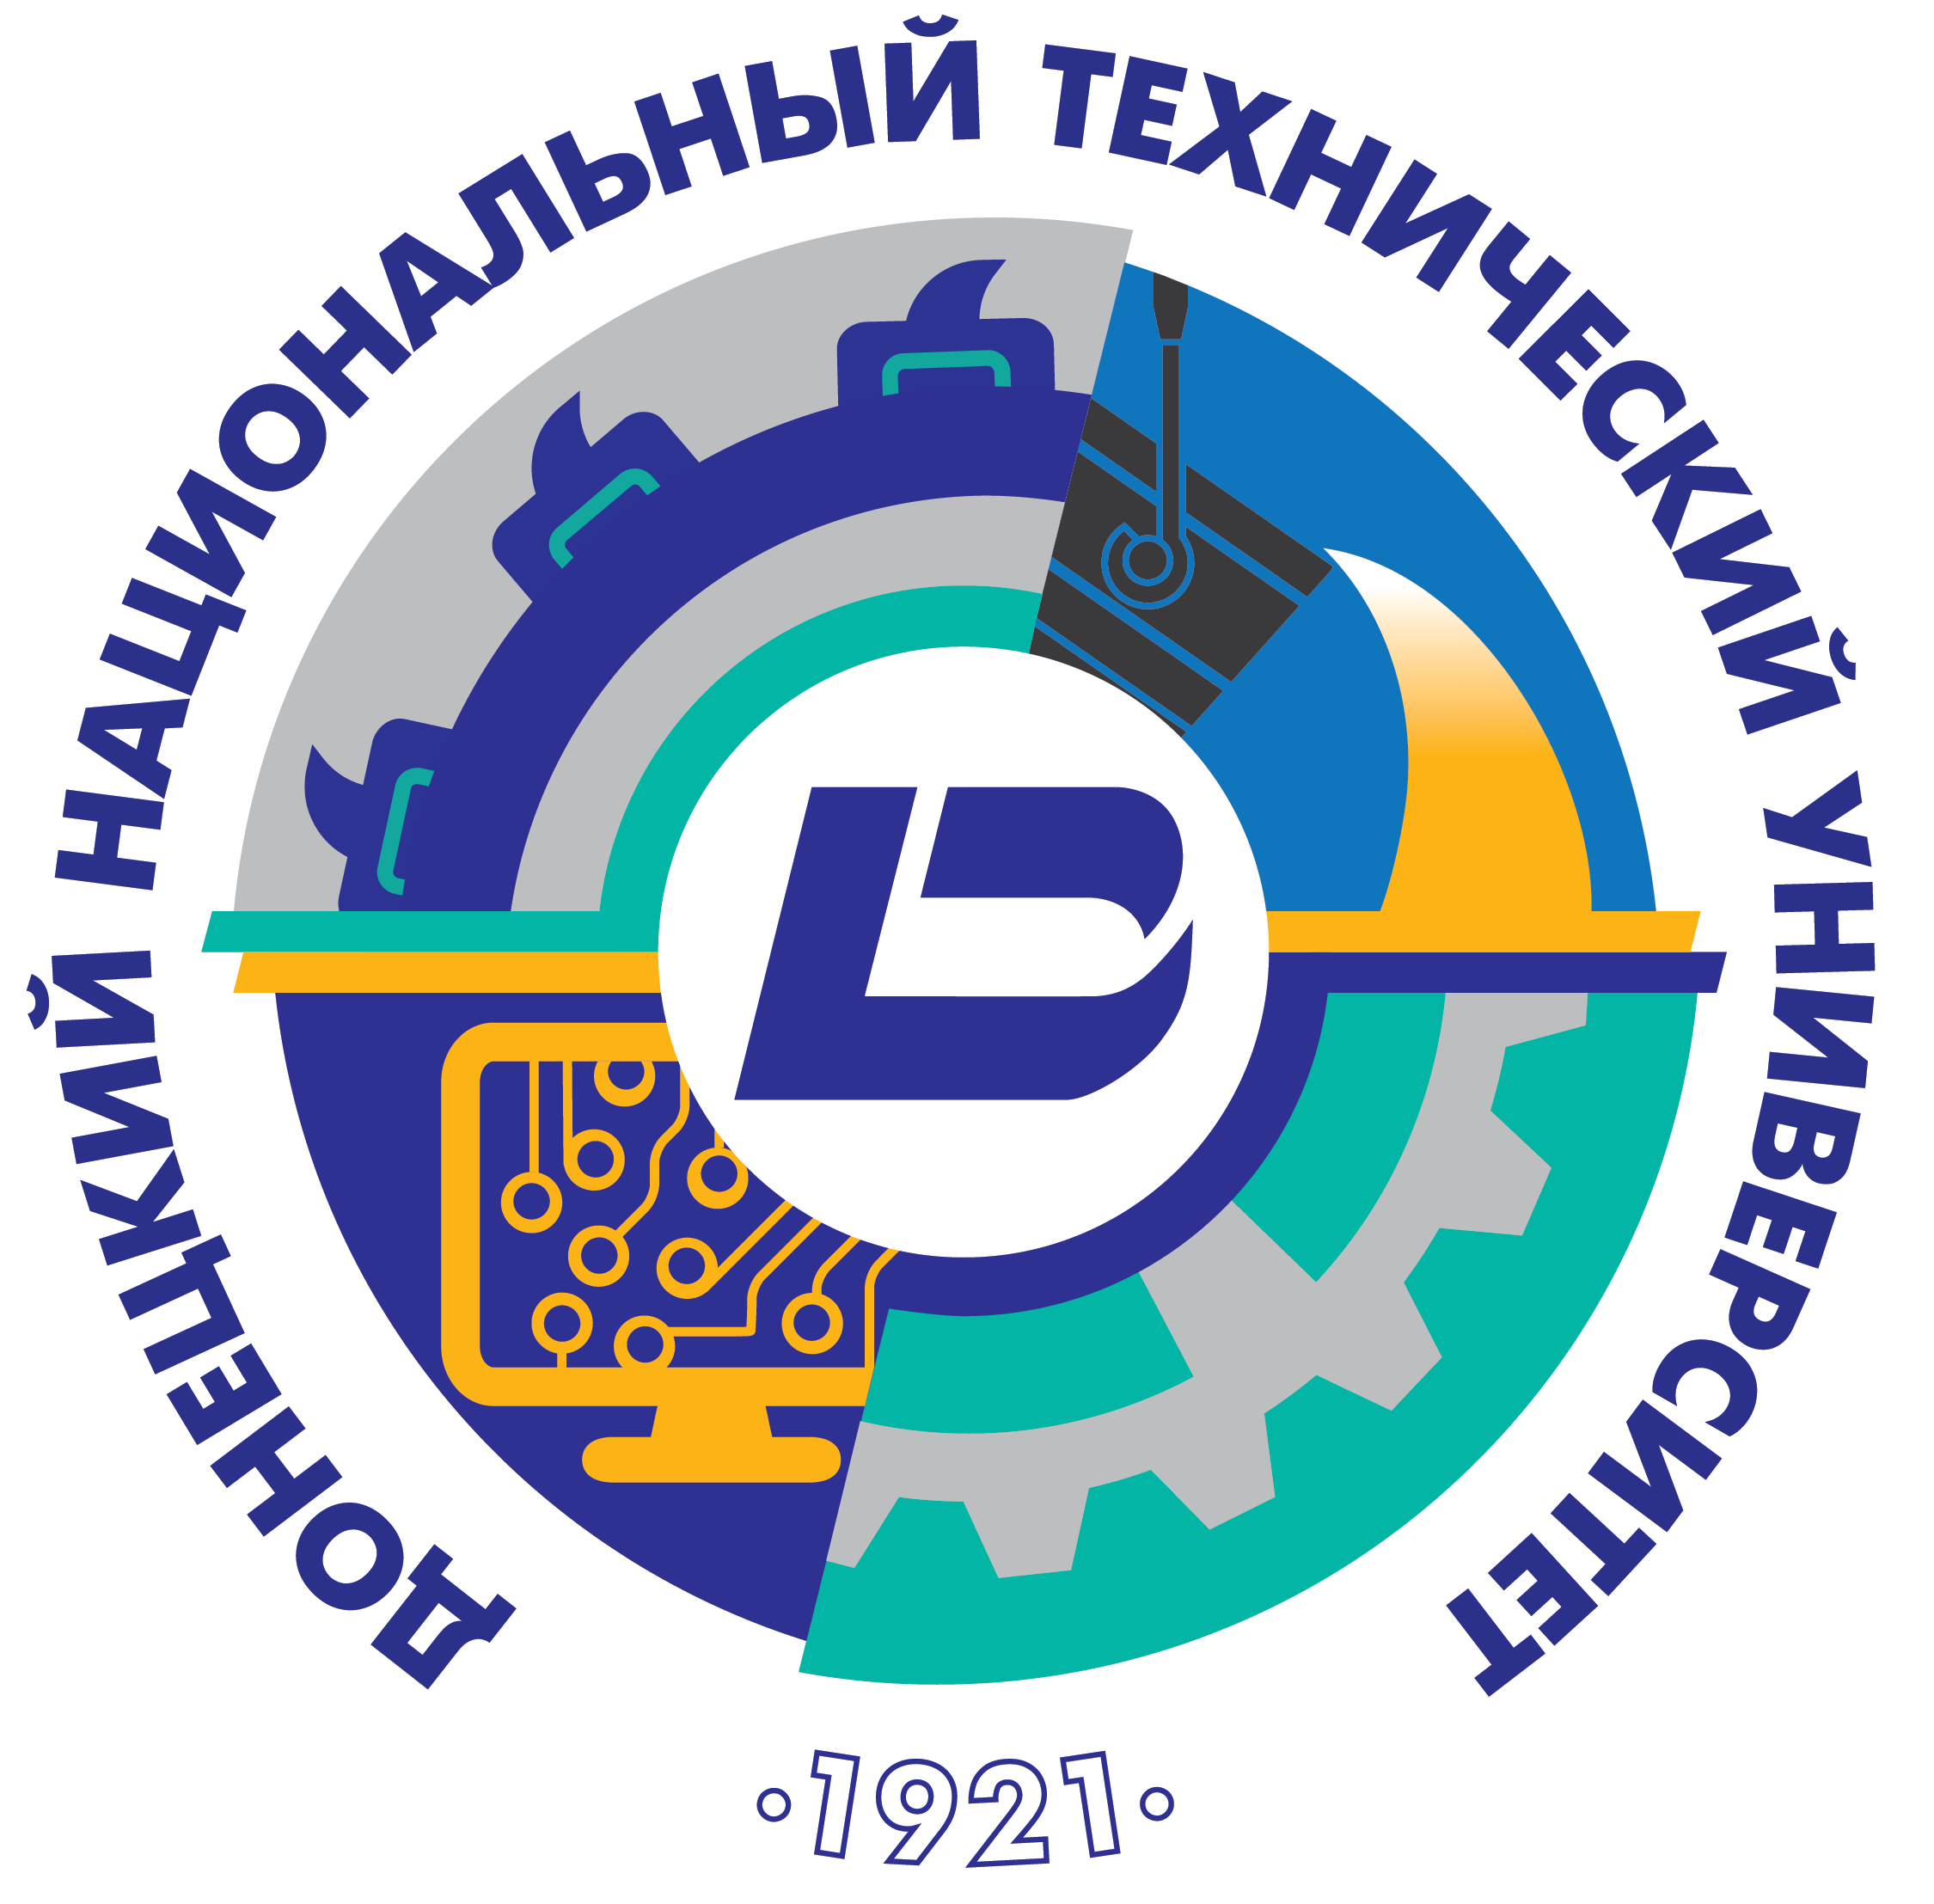 Logo for DonNTU